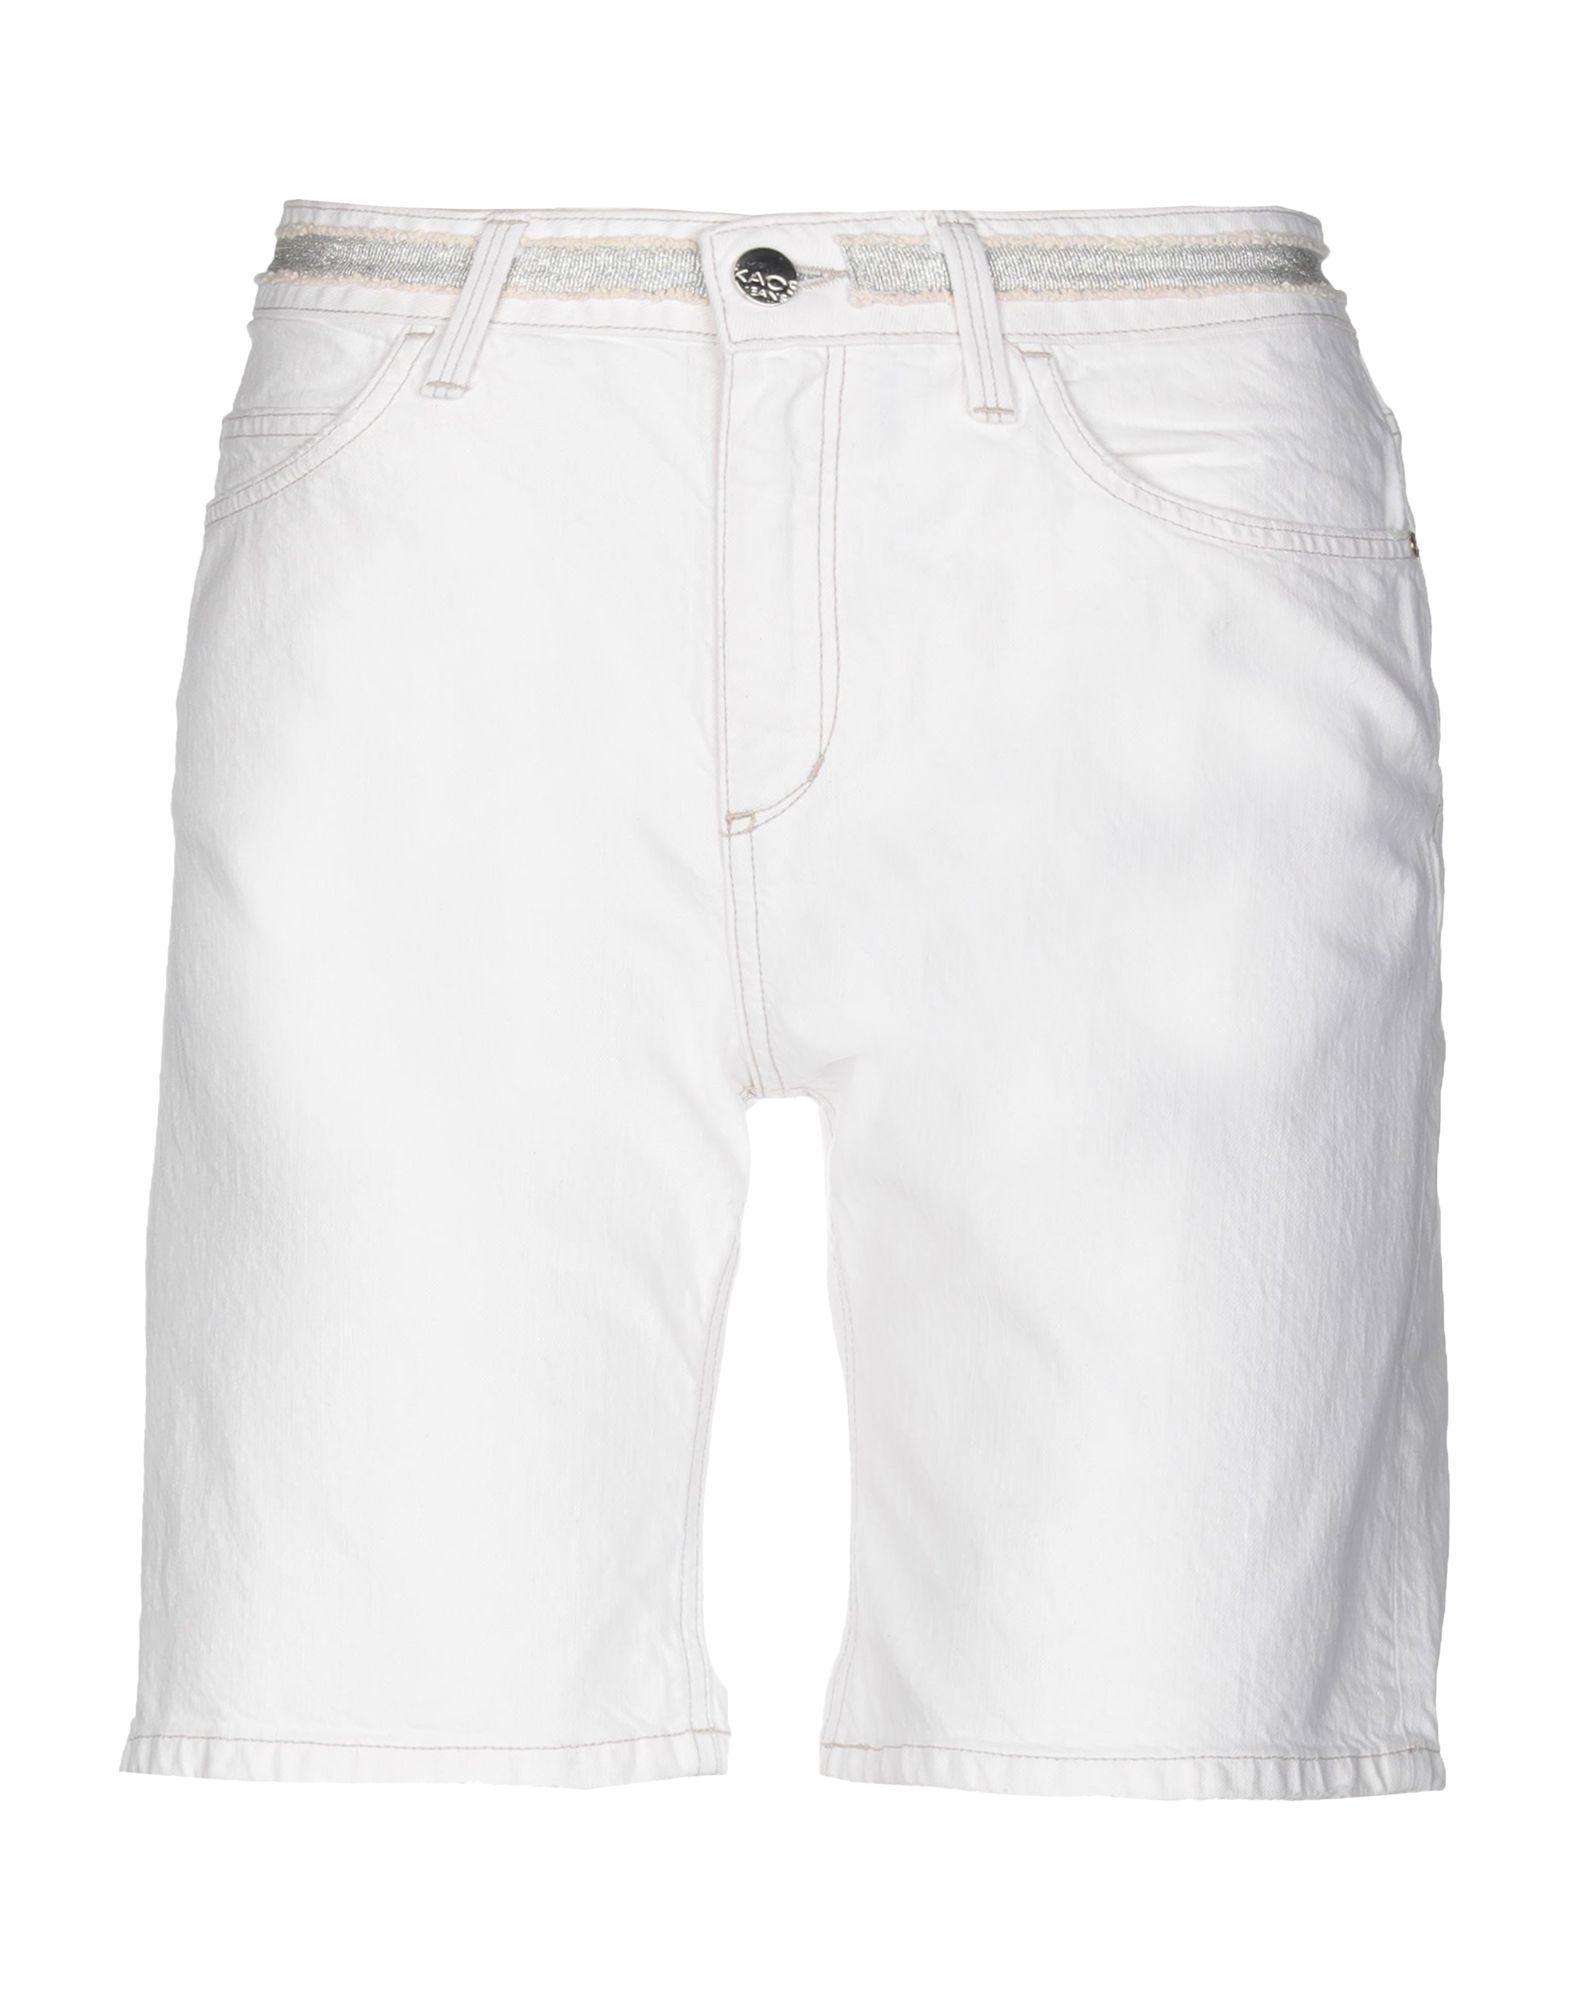 KAOS JEANS Джинсовые бермуды masons jeans джинсовые бермуды